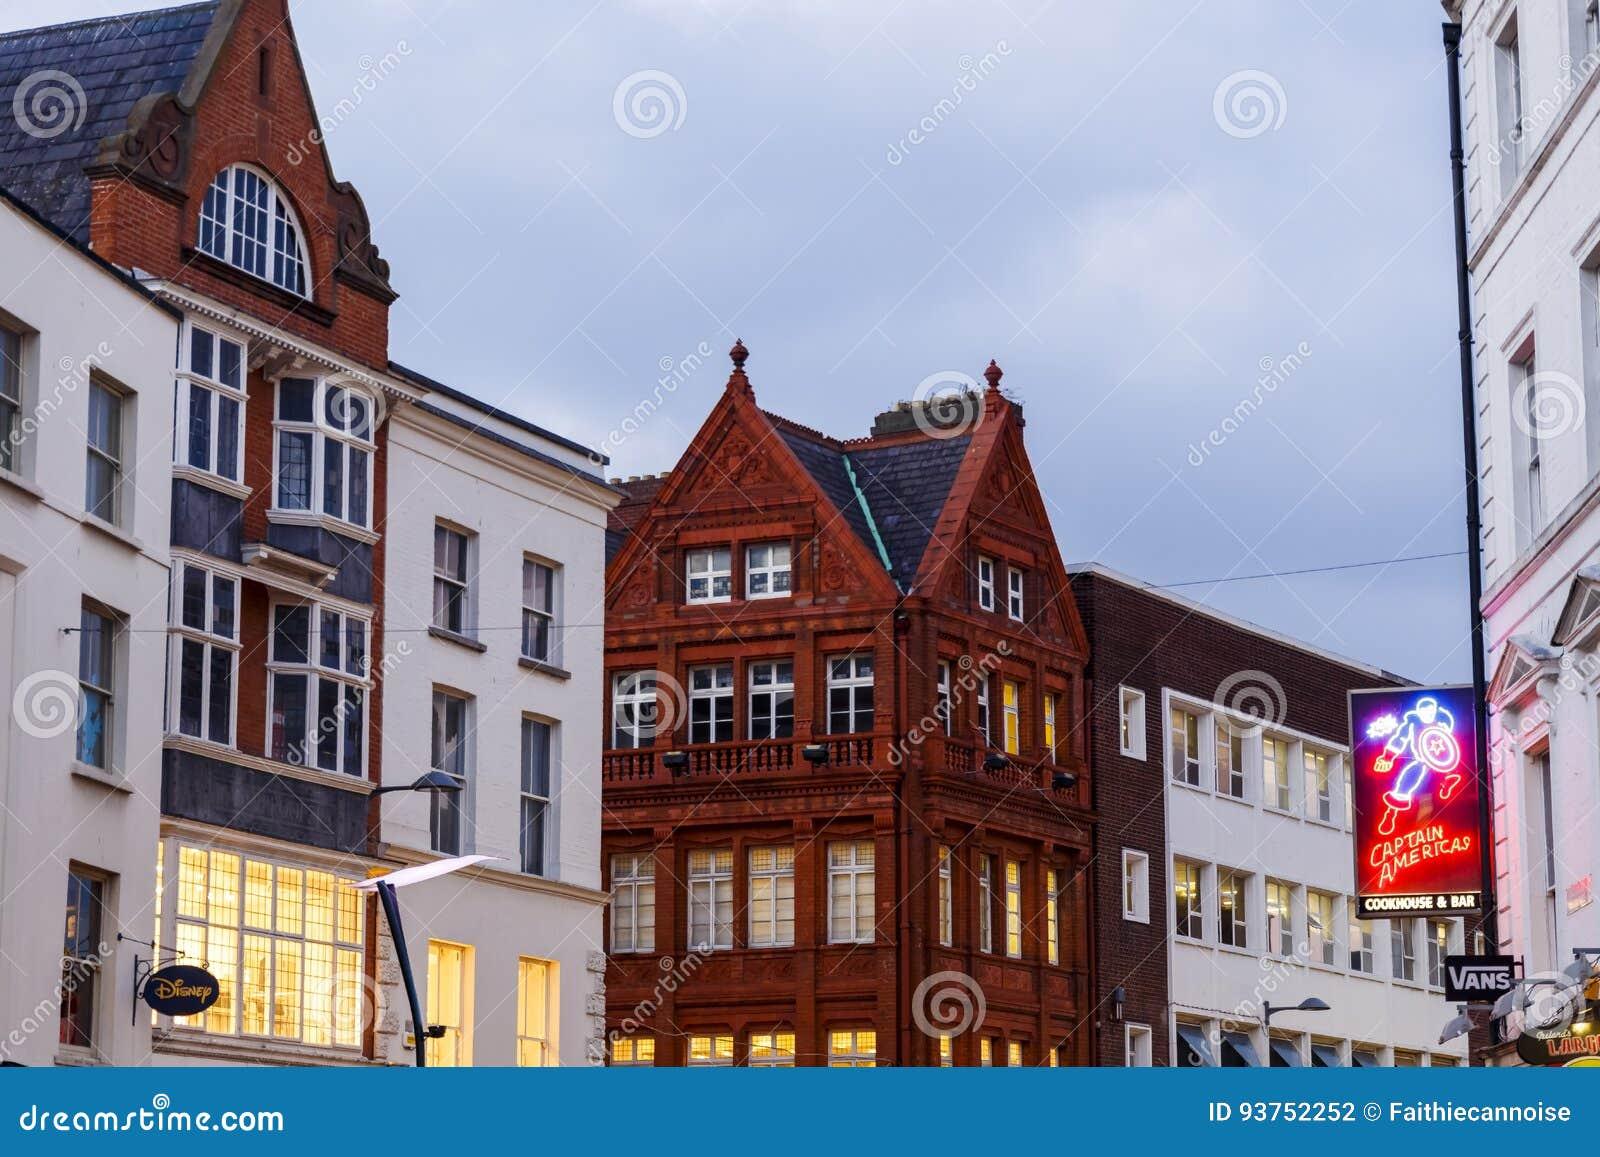 412bc09938 Architecture In Dublin`s City Centre In Grafton Street Editorial ...